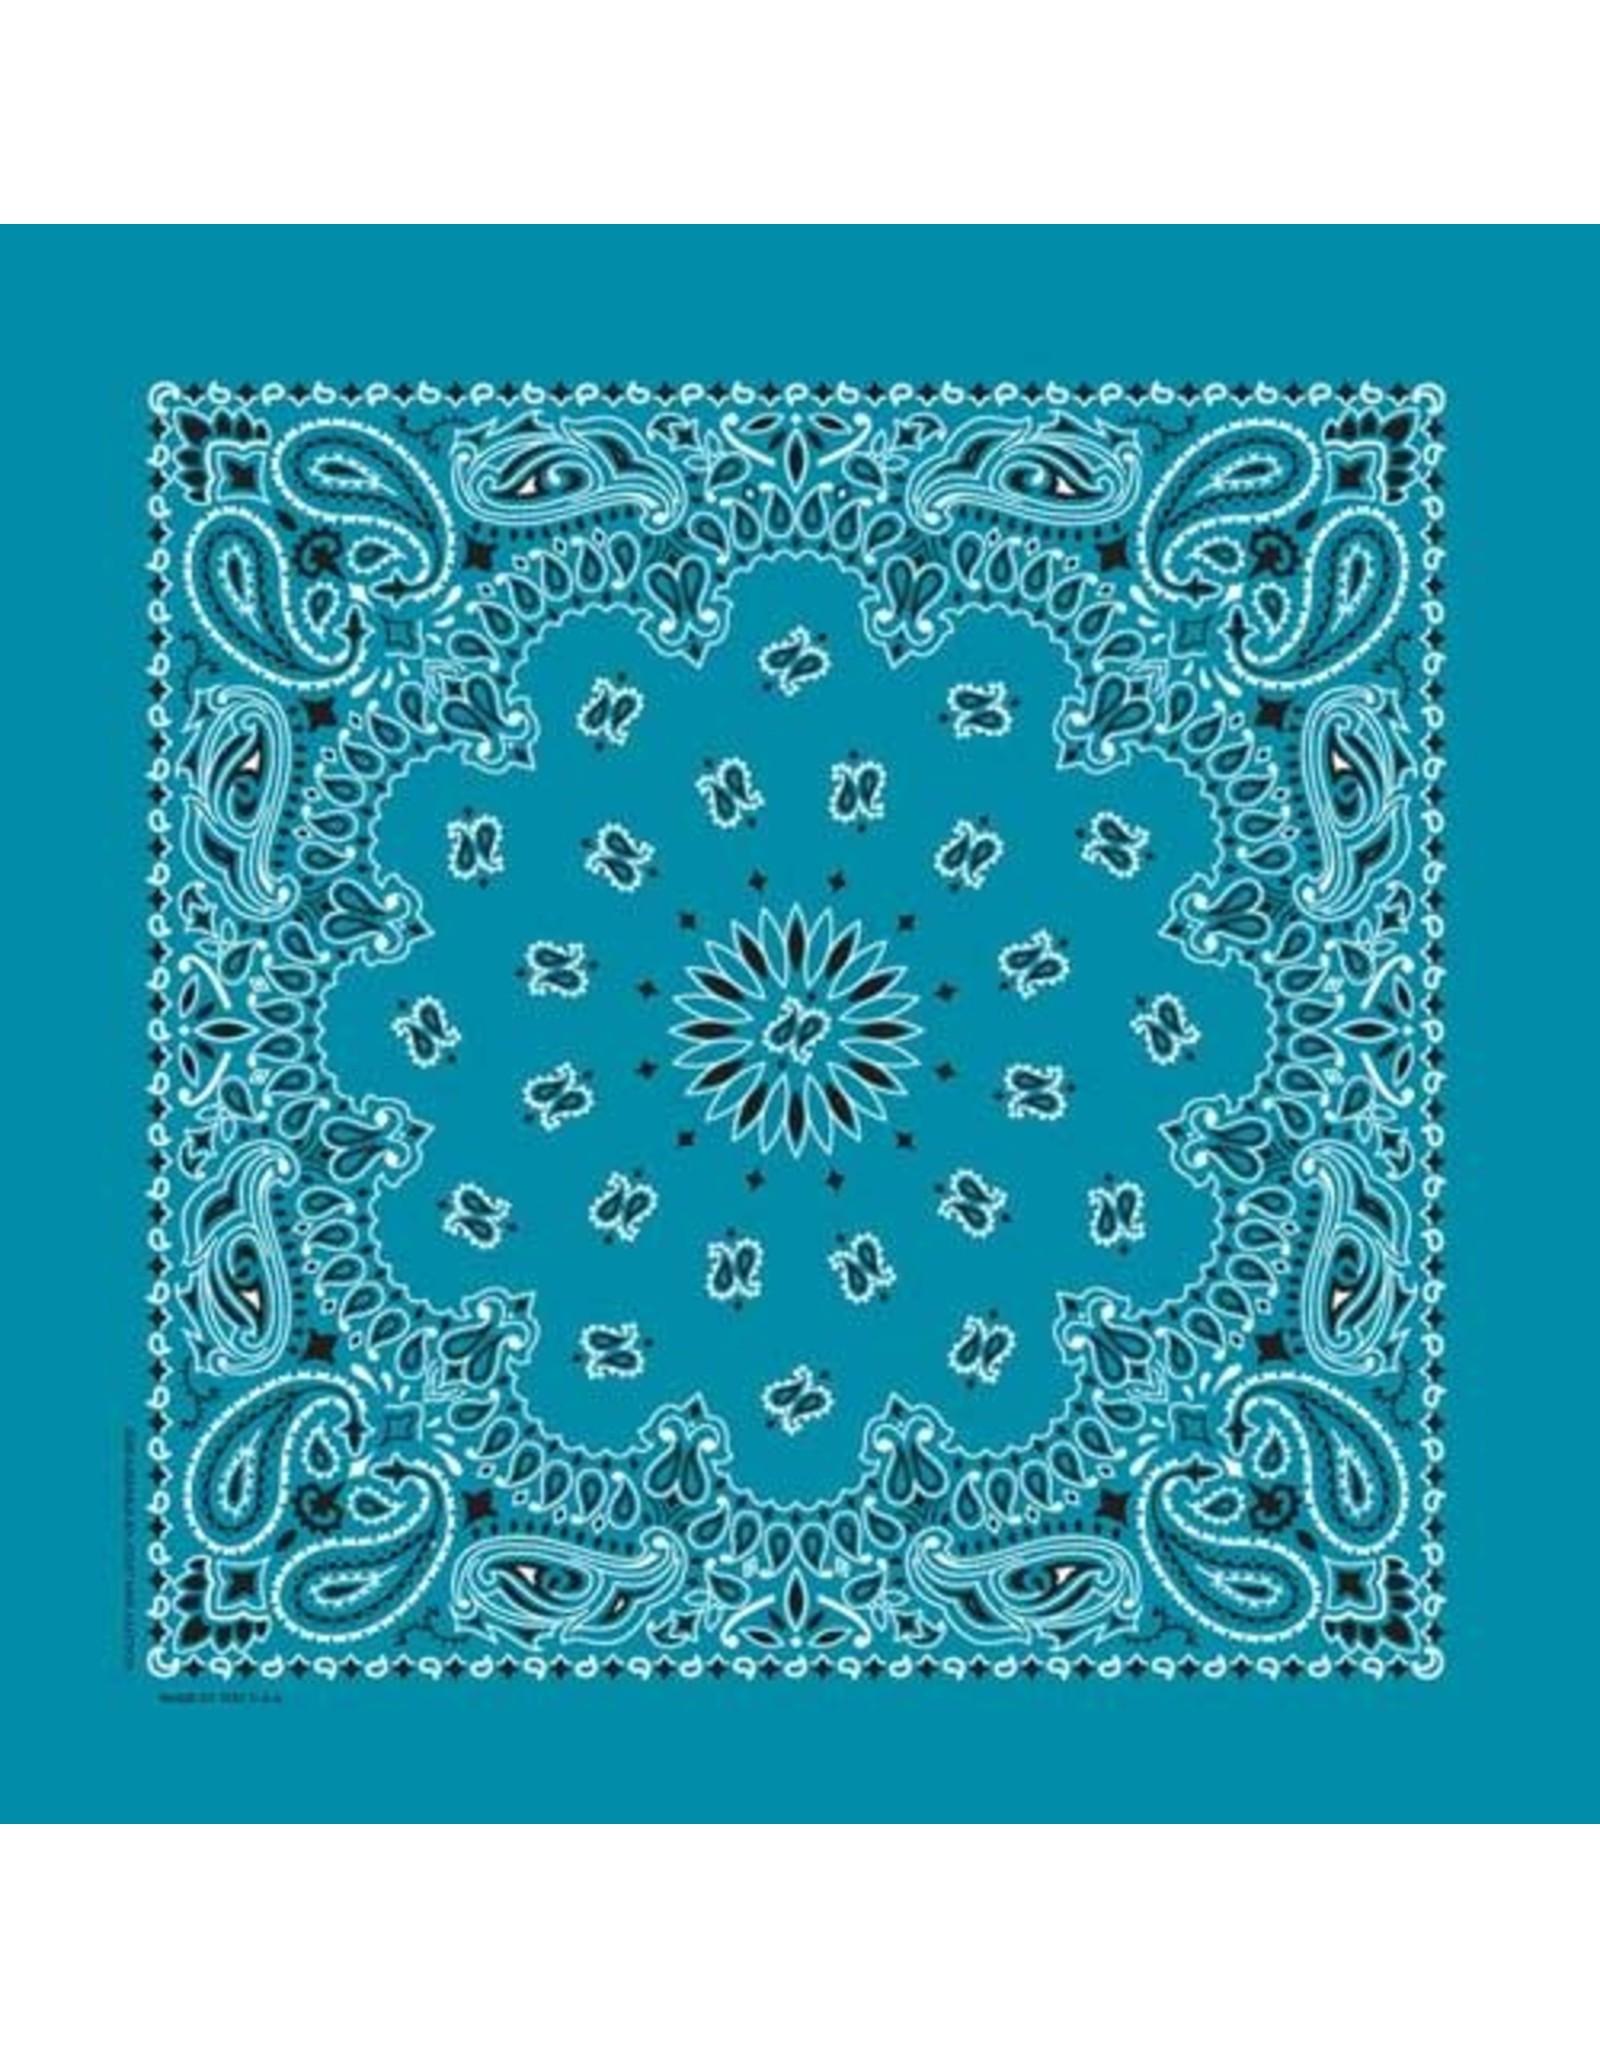 The Bandanna Co. Bandanna Co. Paisley Turquoise 22'' X 22''